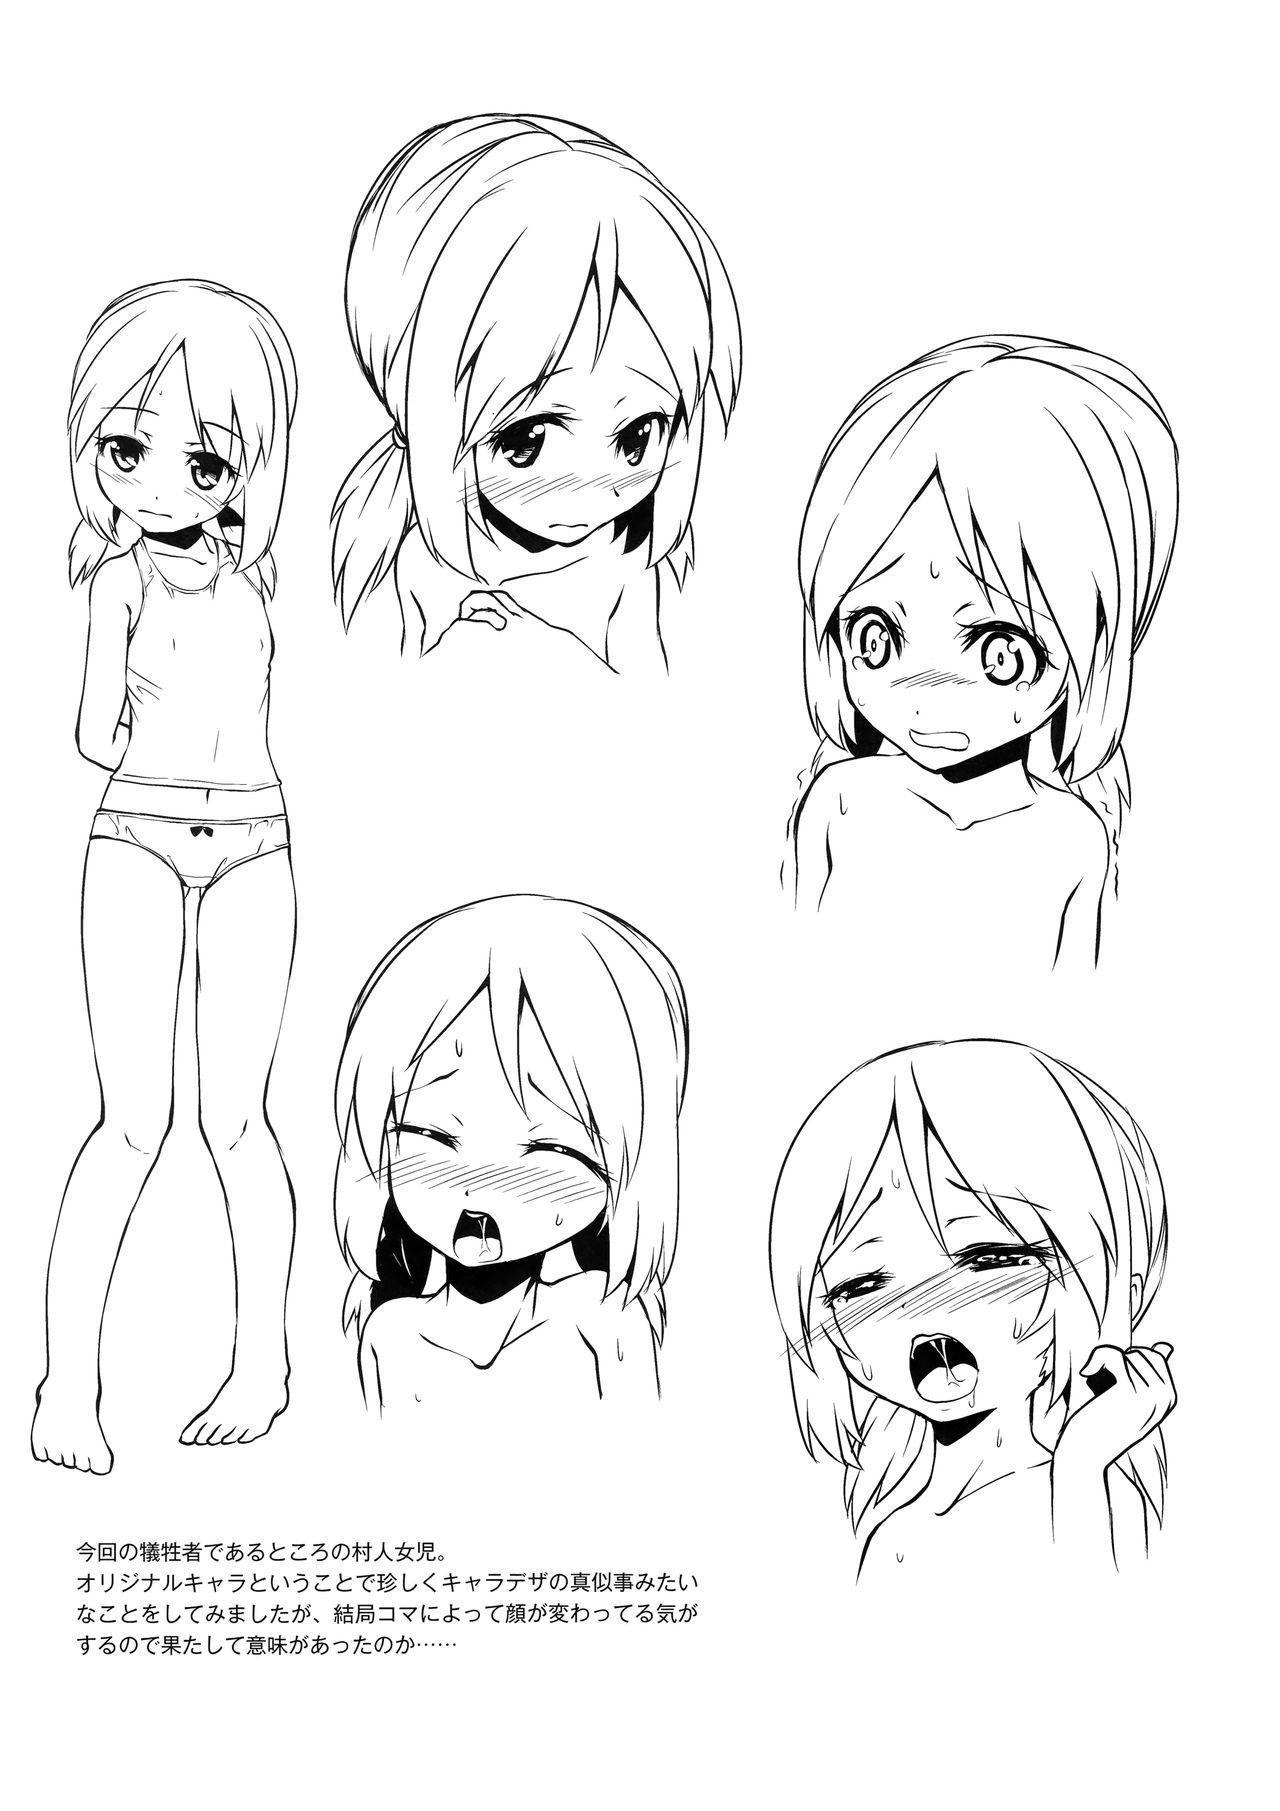 Aru Hi Mori no Naka Flan-chan ni Deatta. 18